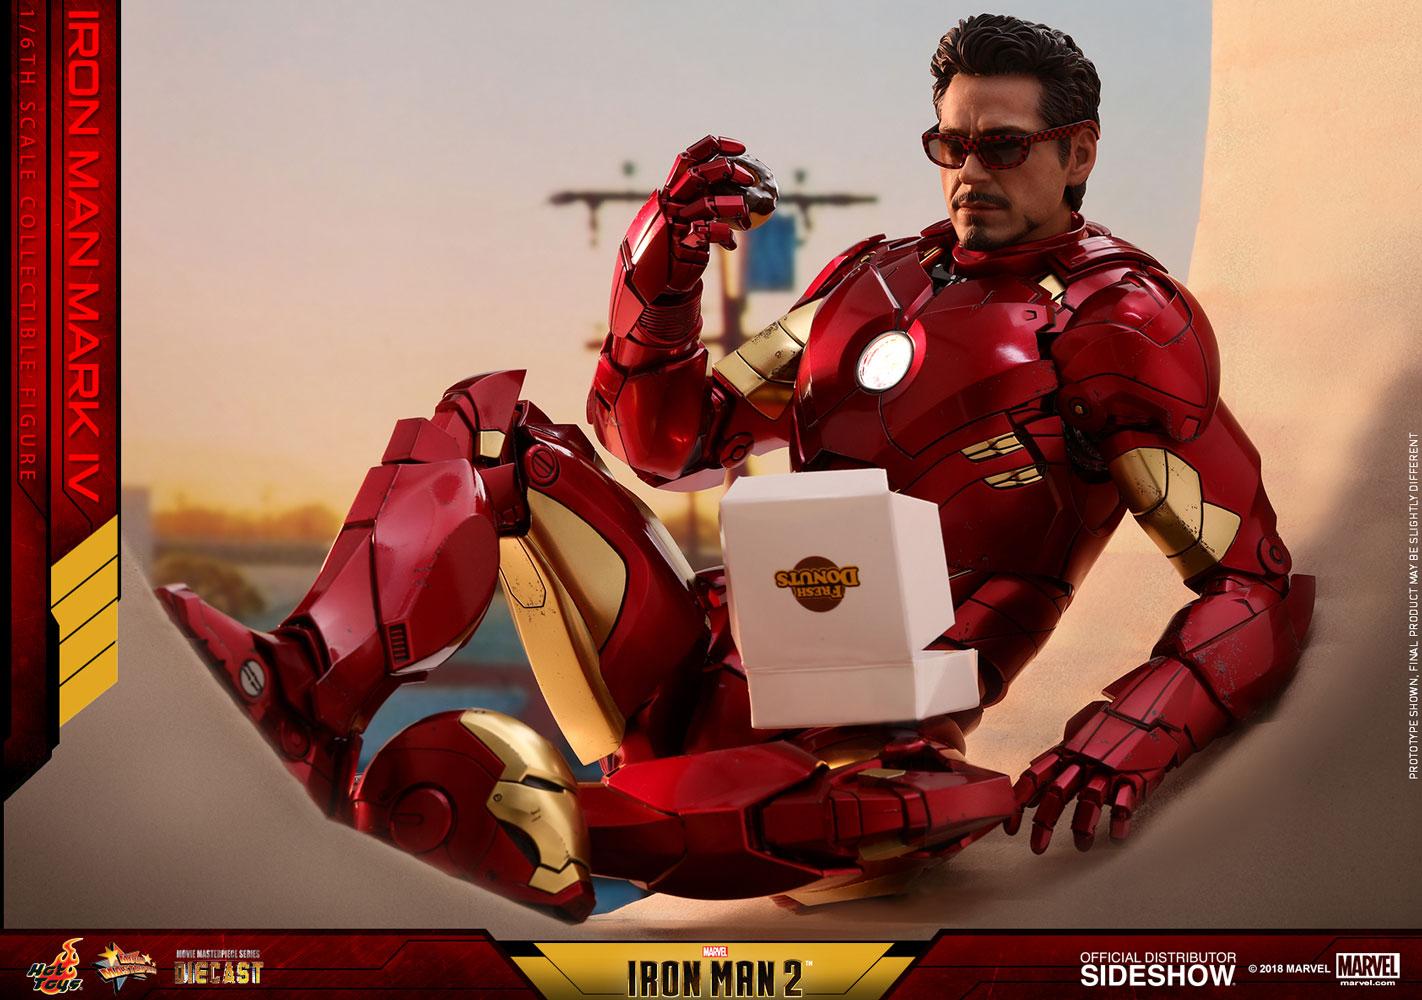 Iron man là đại gia, là thiên tài chắc cũng không cần bí kíp tán gái nào ngoài $$$